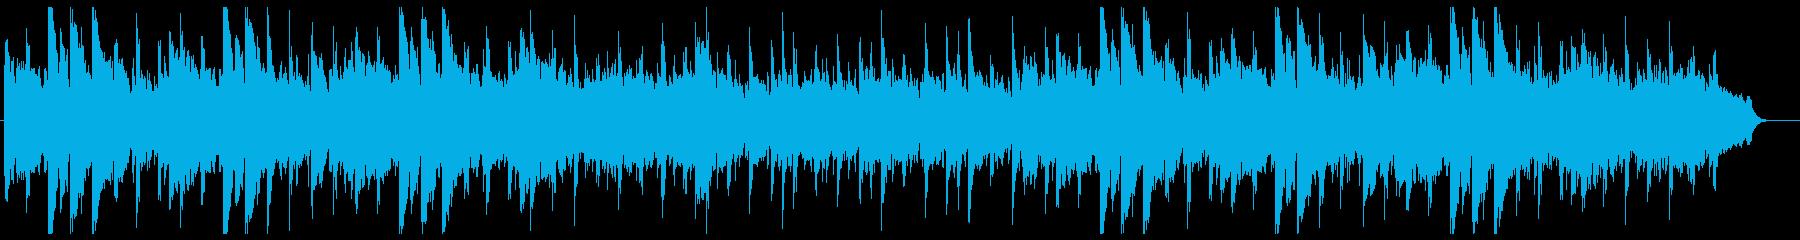 ウクレレとスティールギターのハワイアンの再生済みの波形